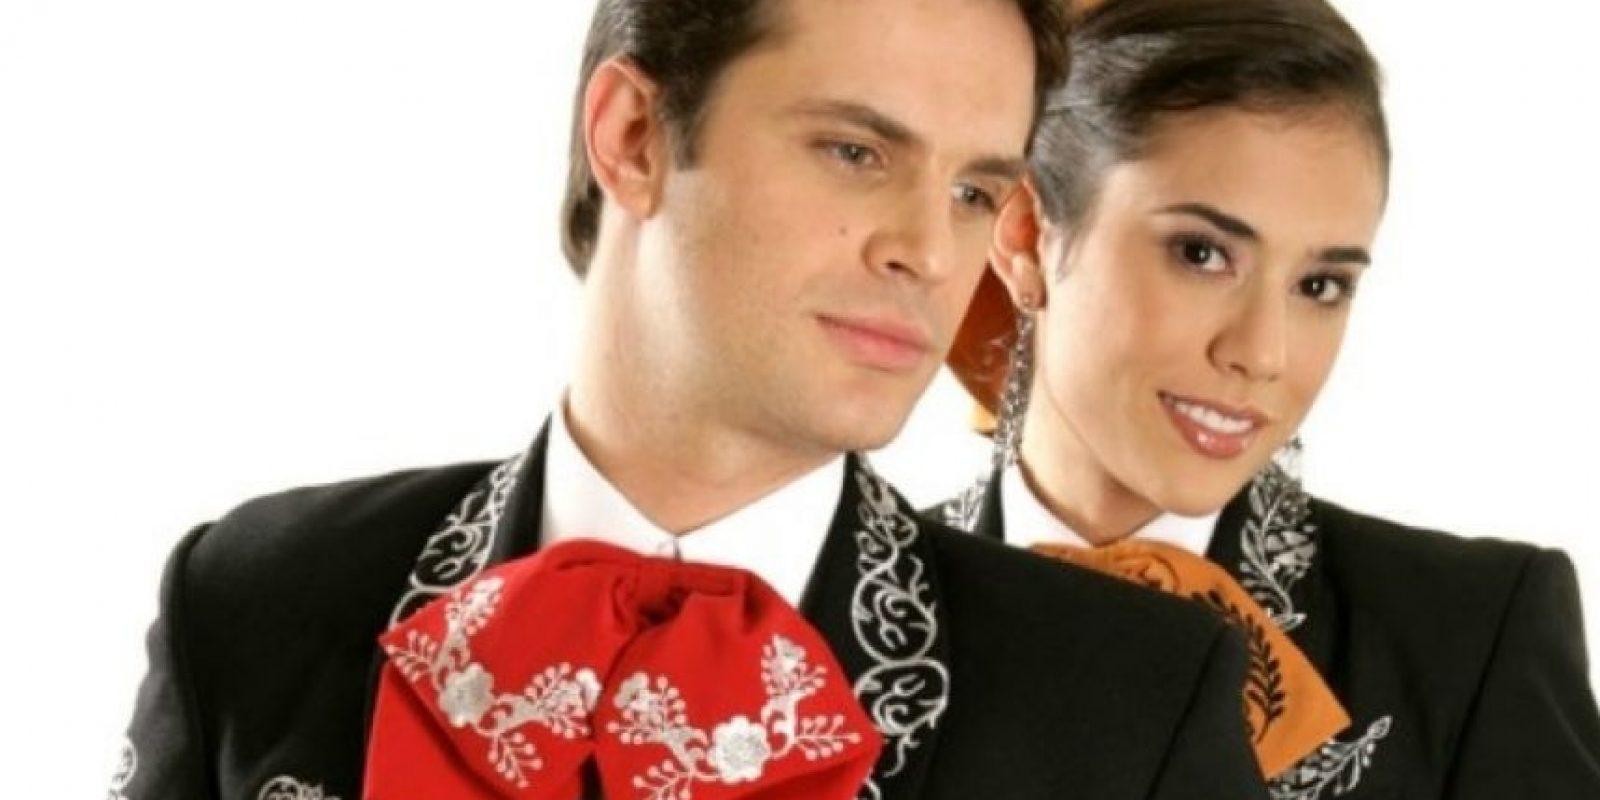 """También se criticó el casting de algunos personajes principales del triángulo amoroso, sobre todo de """"Coloso"""". Foto:vía RCN Televisión"""